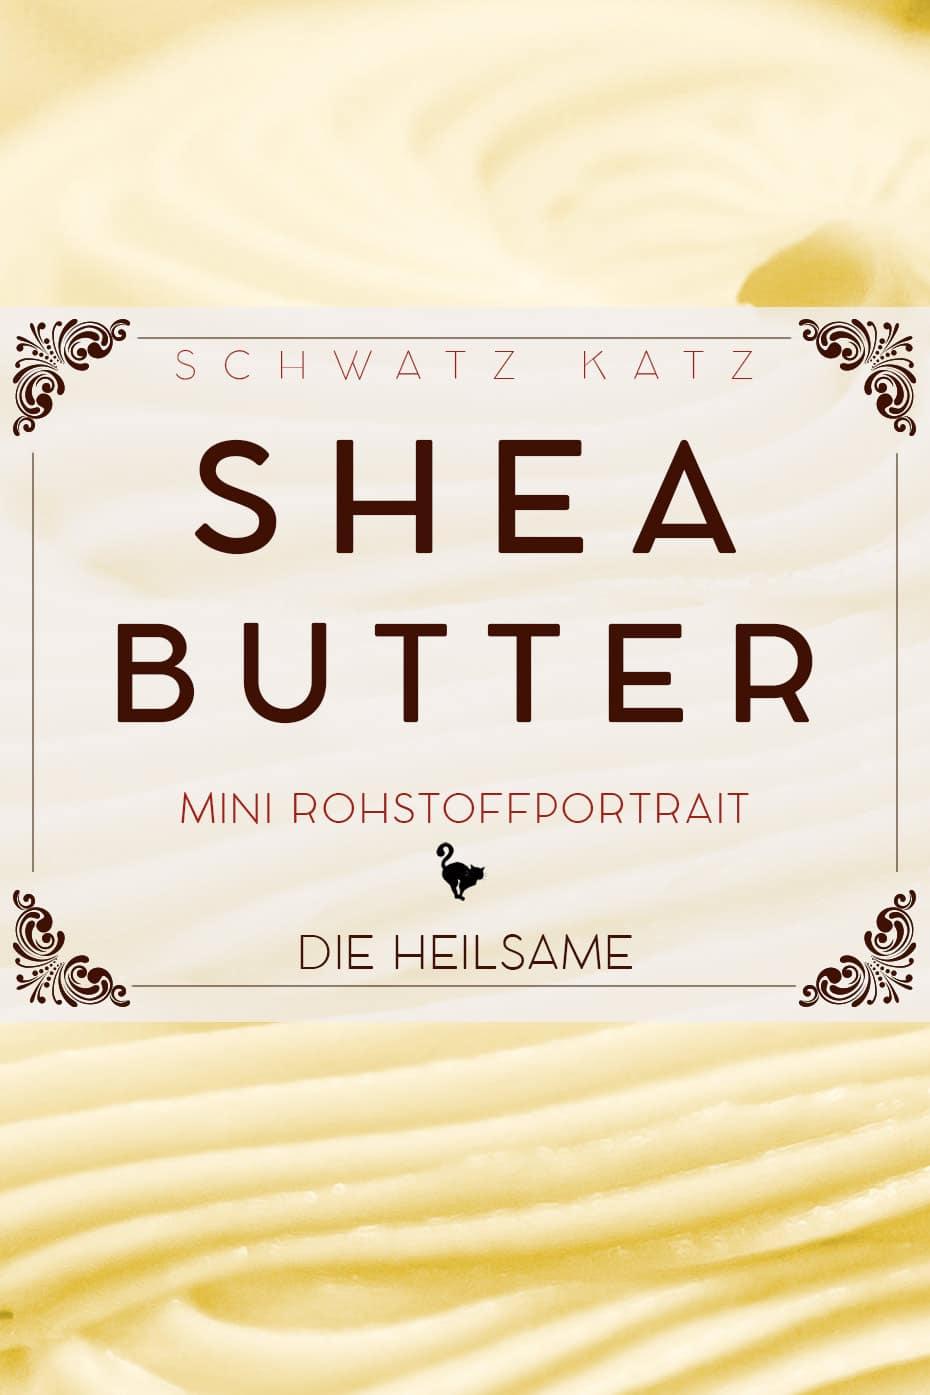 Sheabutter Mini Rohstoffportrait von Schwatz Katz